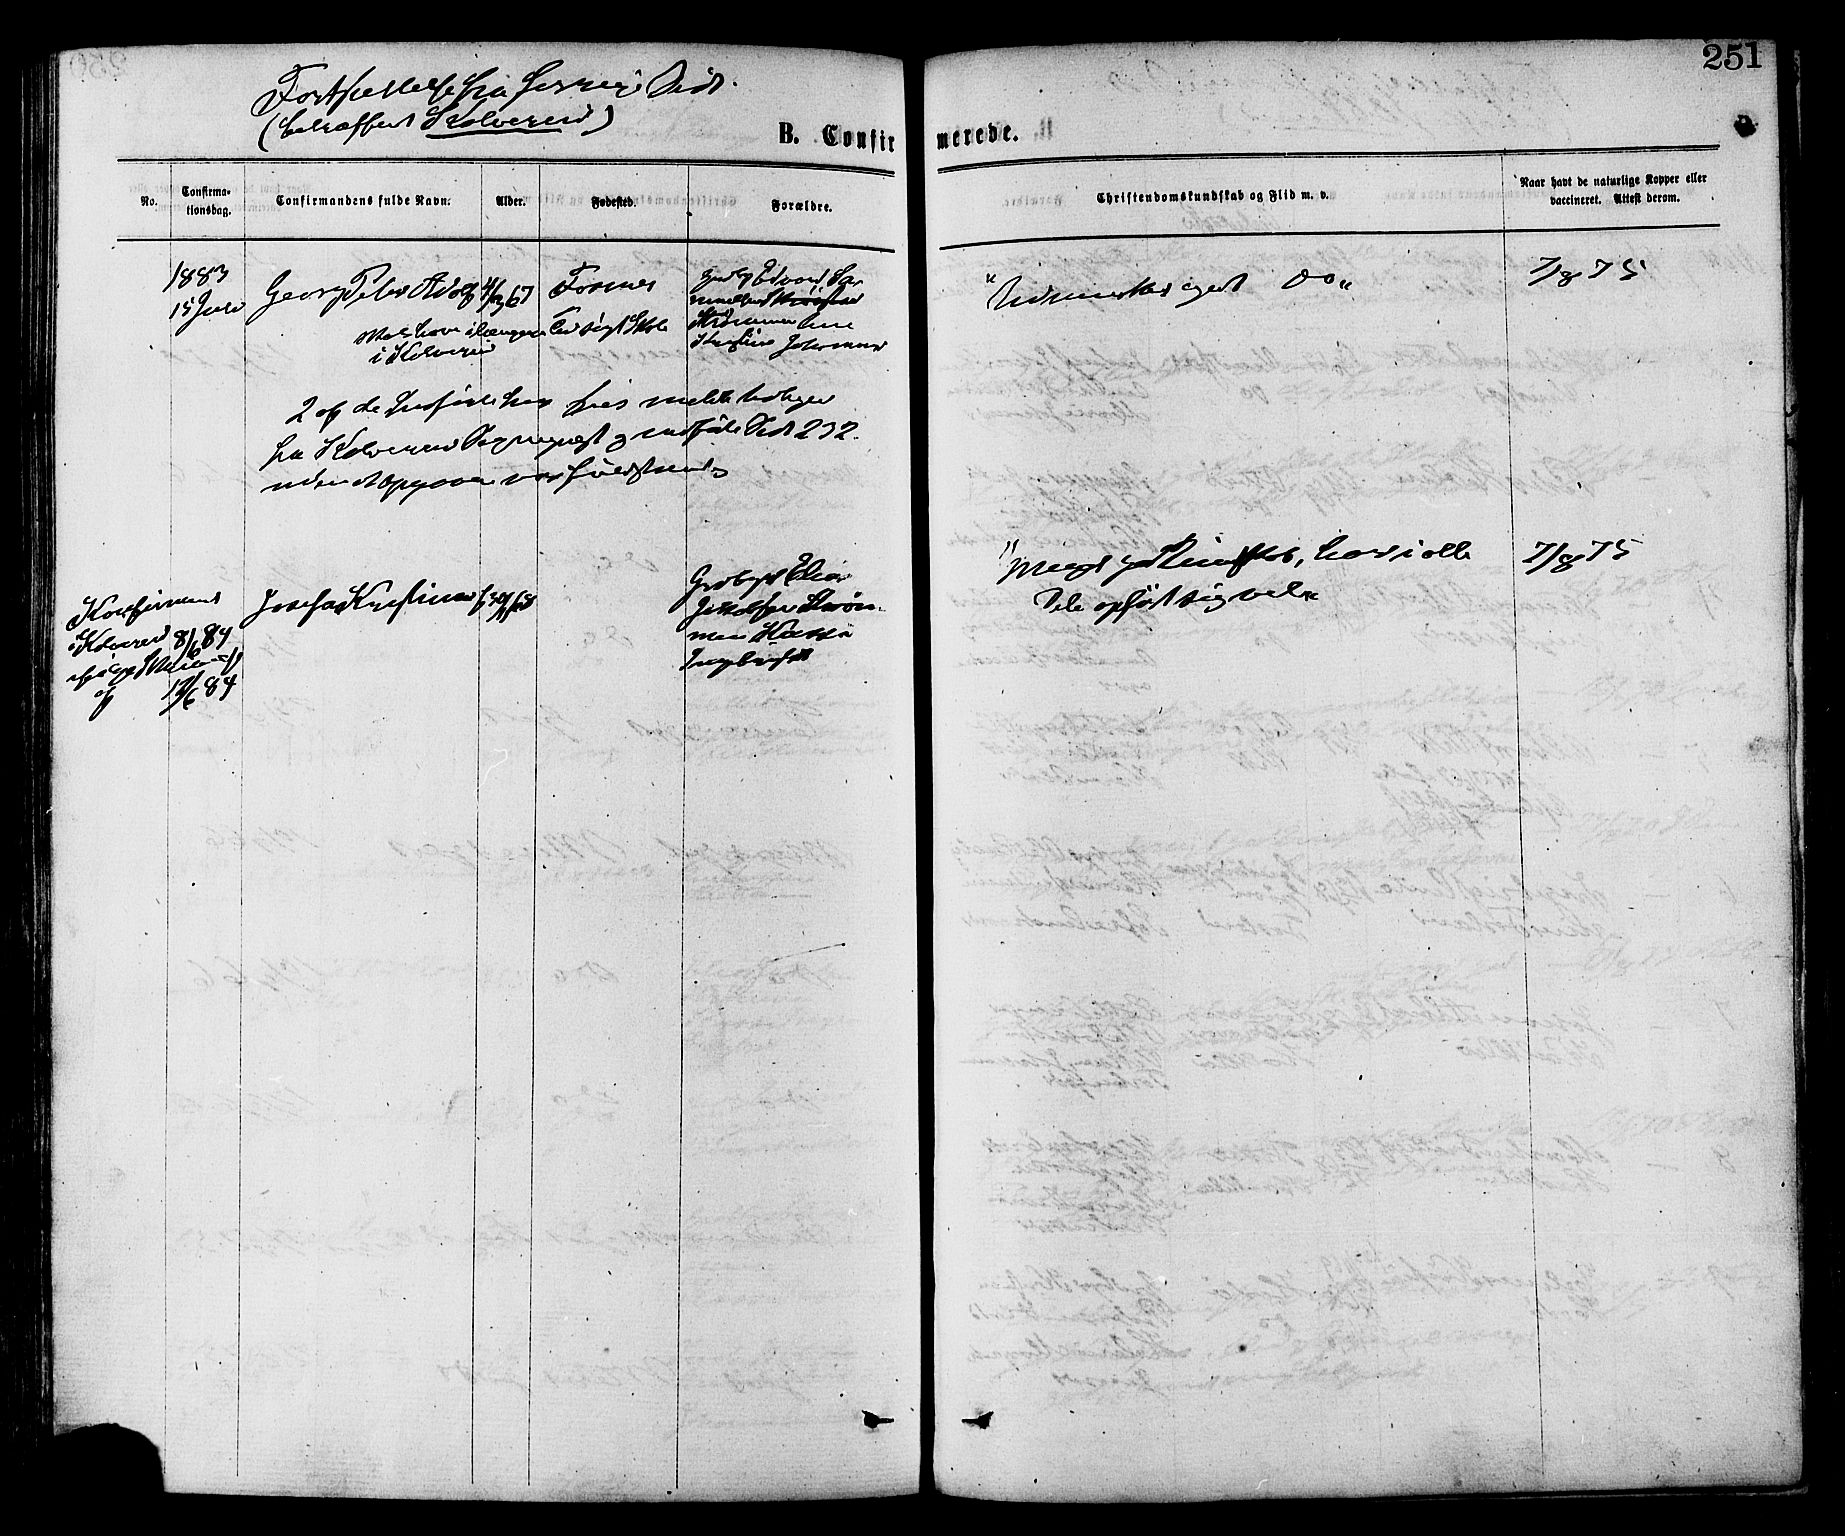 SAT, Ministerialprotokoller, klokkerbøker og fødselsregistre - Nord-Trøndelag, 773/L0616: Ministerialbok nr. 773A07, 1870-1887, s. 251